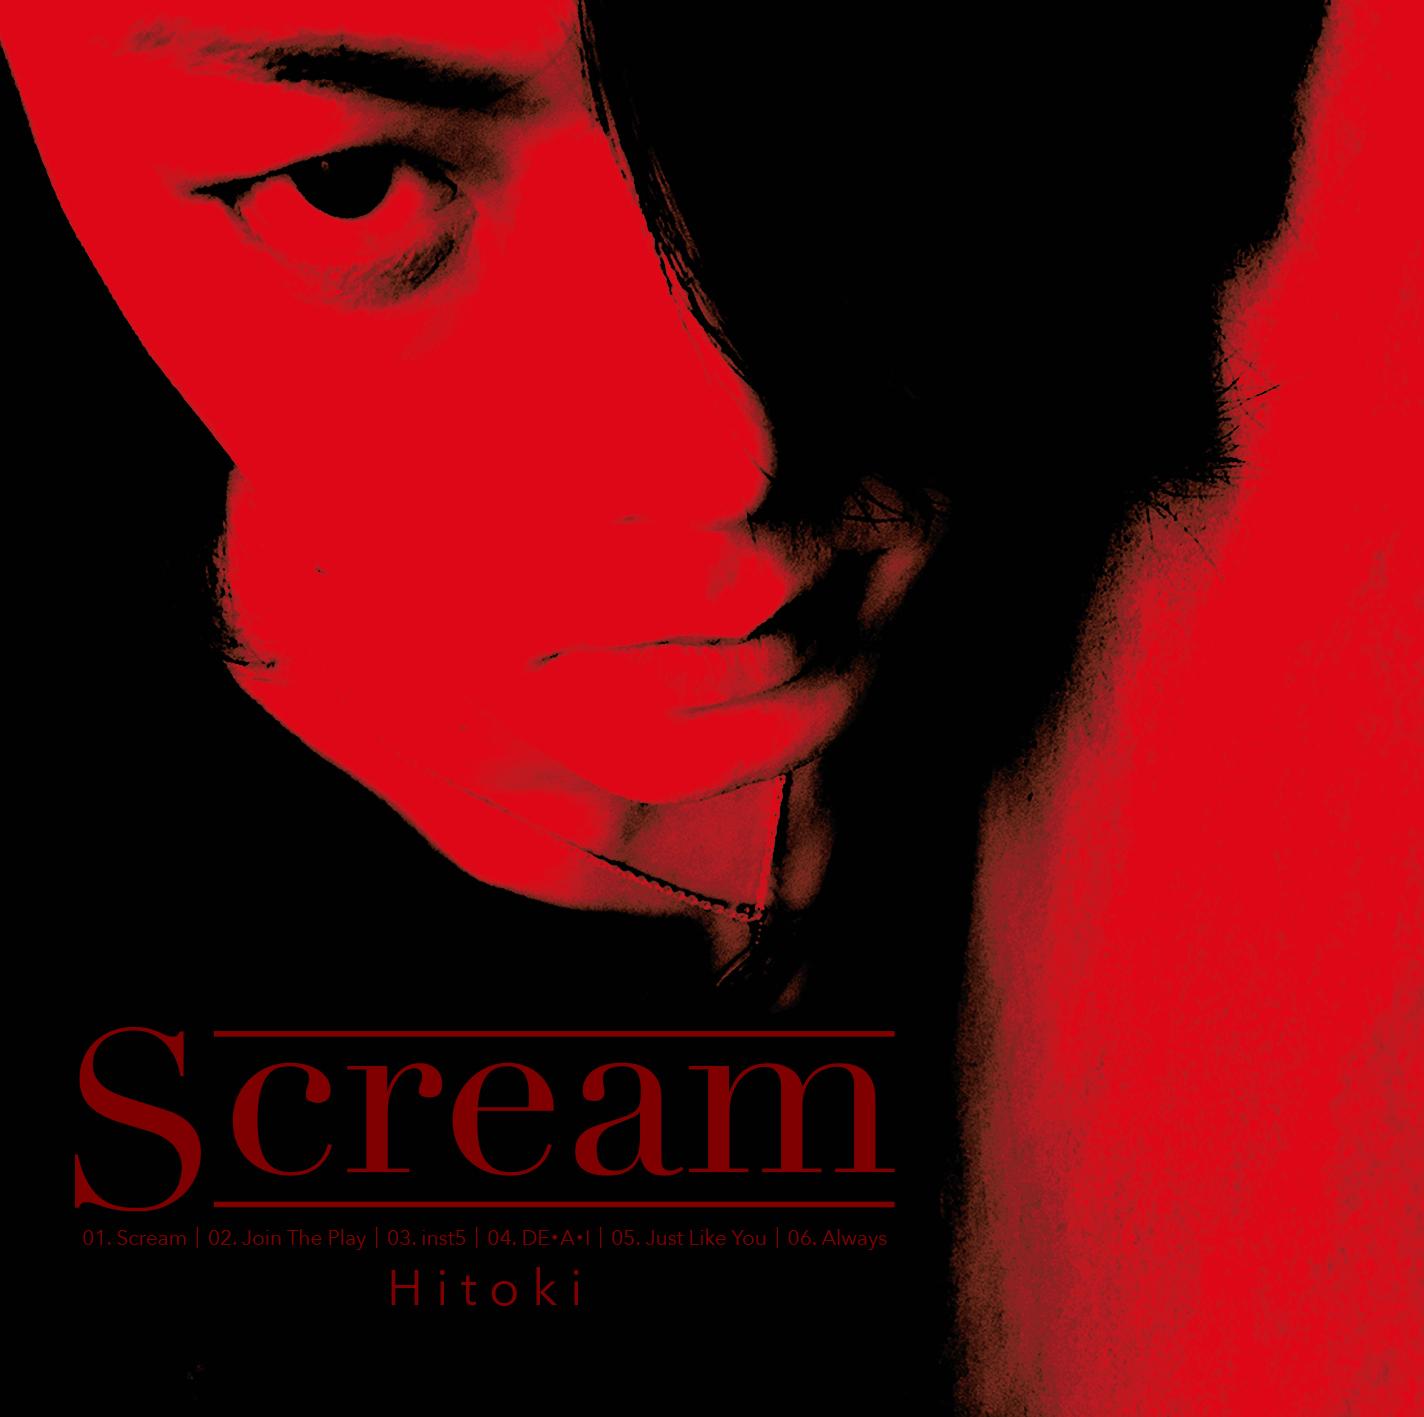 インストアルバム『Scream』